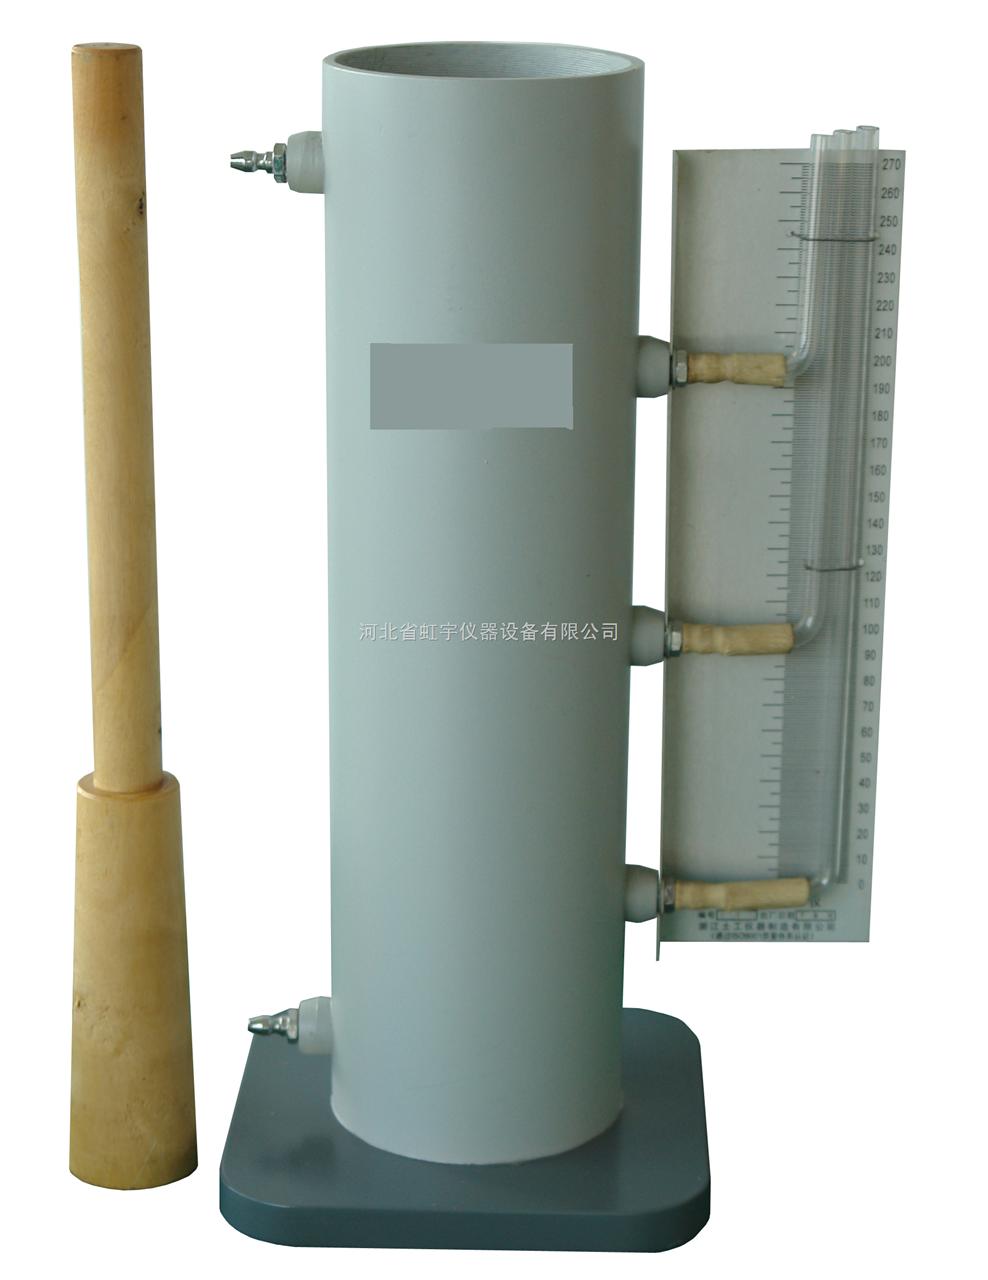 变水头土壤渗透仪 土壤渗透仪 常水头土壤渗透仪